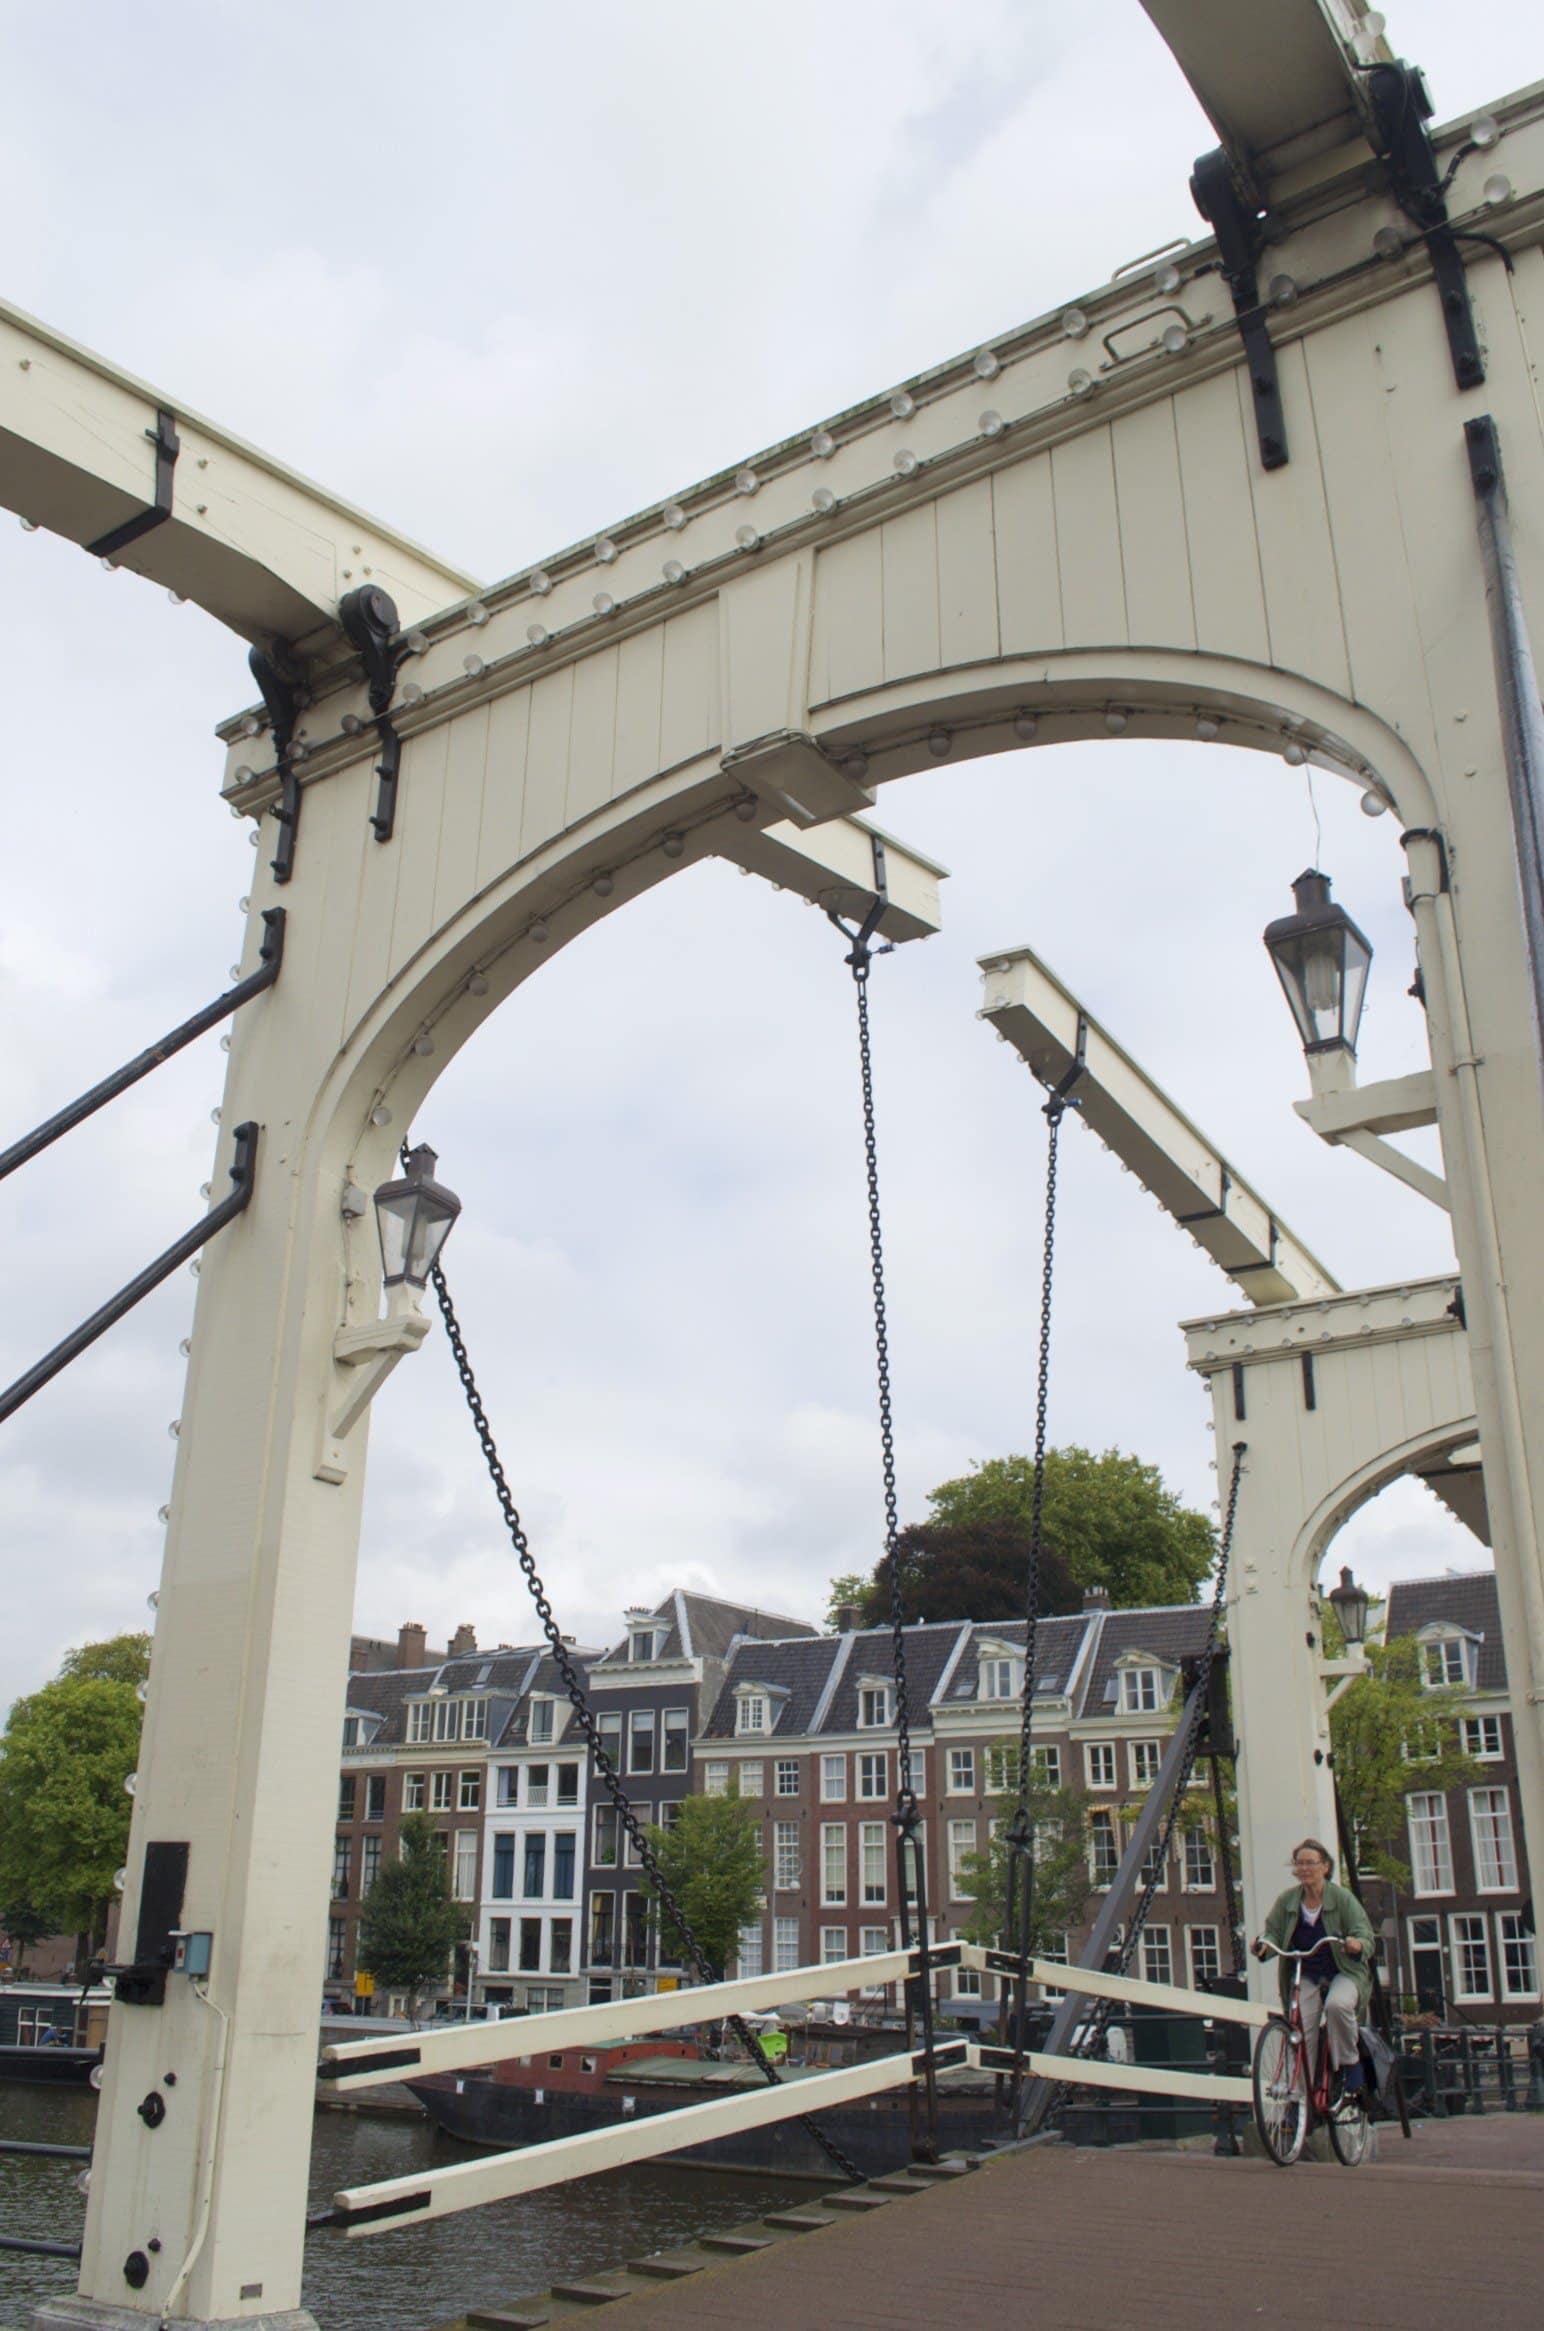 Amsterdam Magere Brug über die Amstel